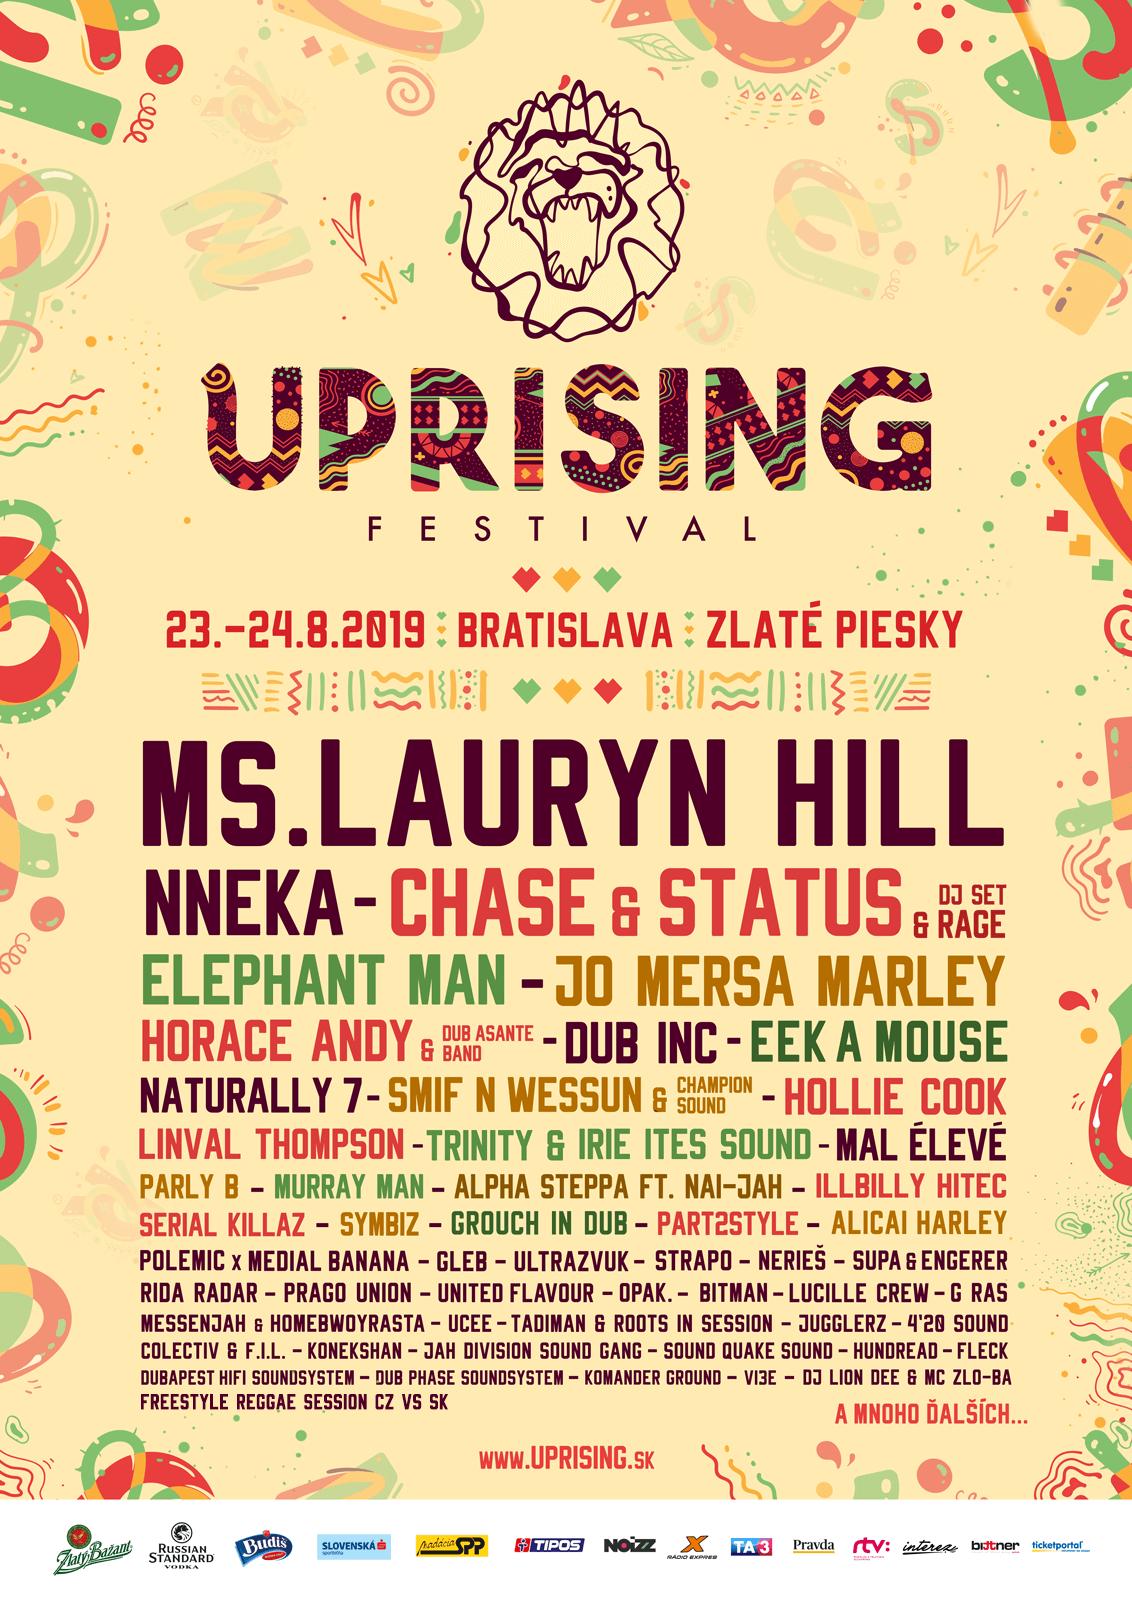 Uprising 2019 Poster - Uprising